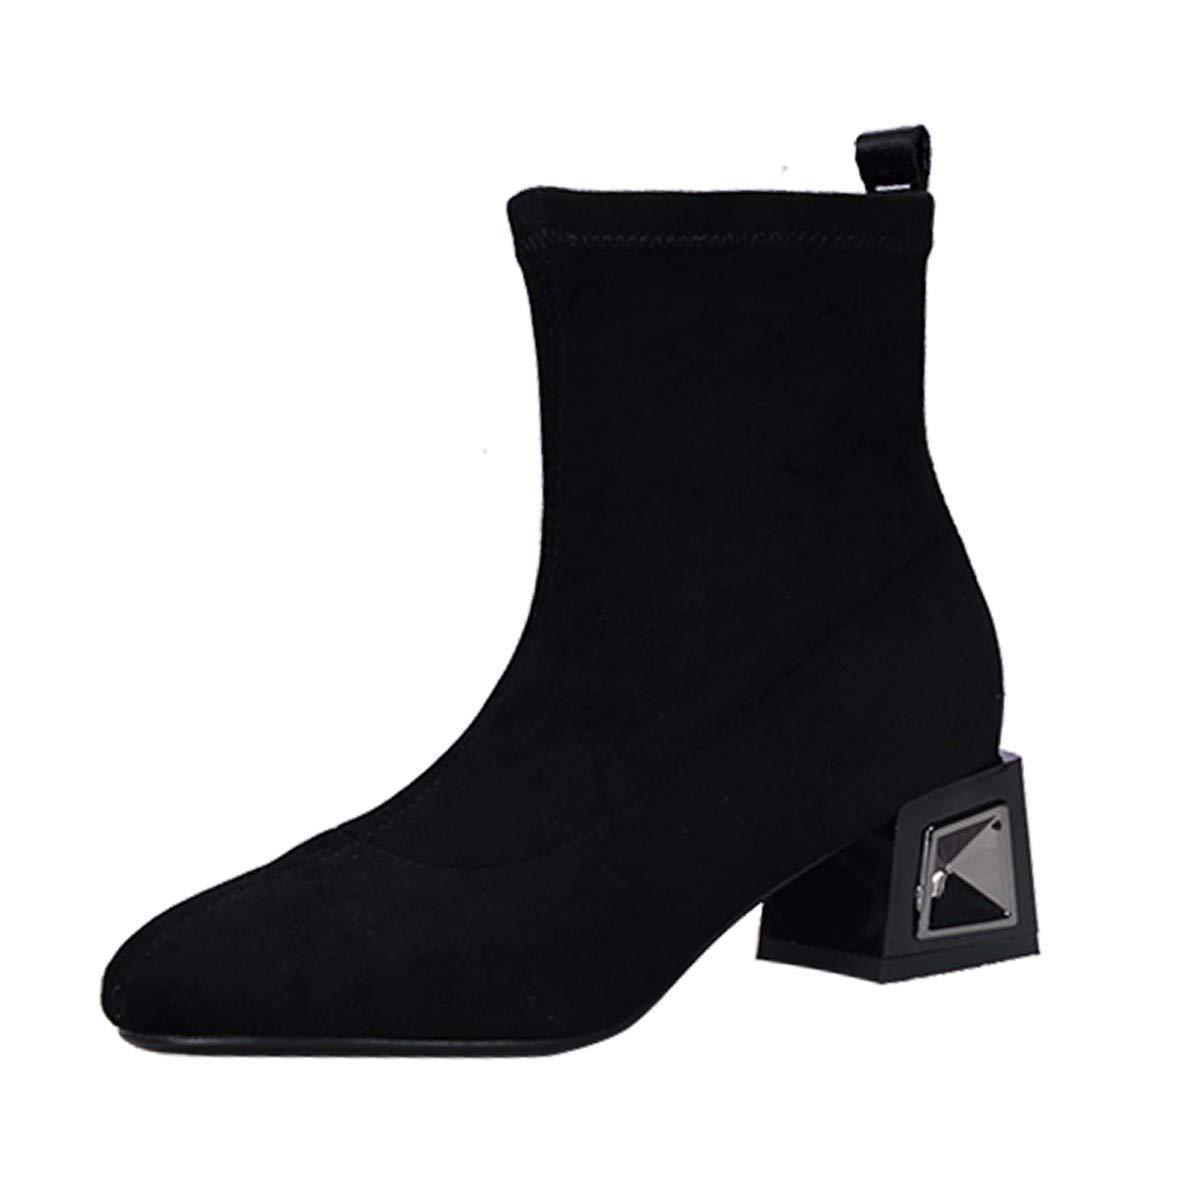 AJUNR Modische Arbeit Damenschuhe Schwarze Stiefel mit hohen 5cm mittlere u Stiefel grob Hacken einfacher und vielseitiger EIN fuß Tritt nahe bei Chelsea Stiefel